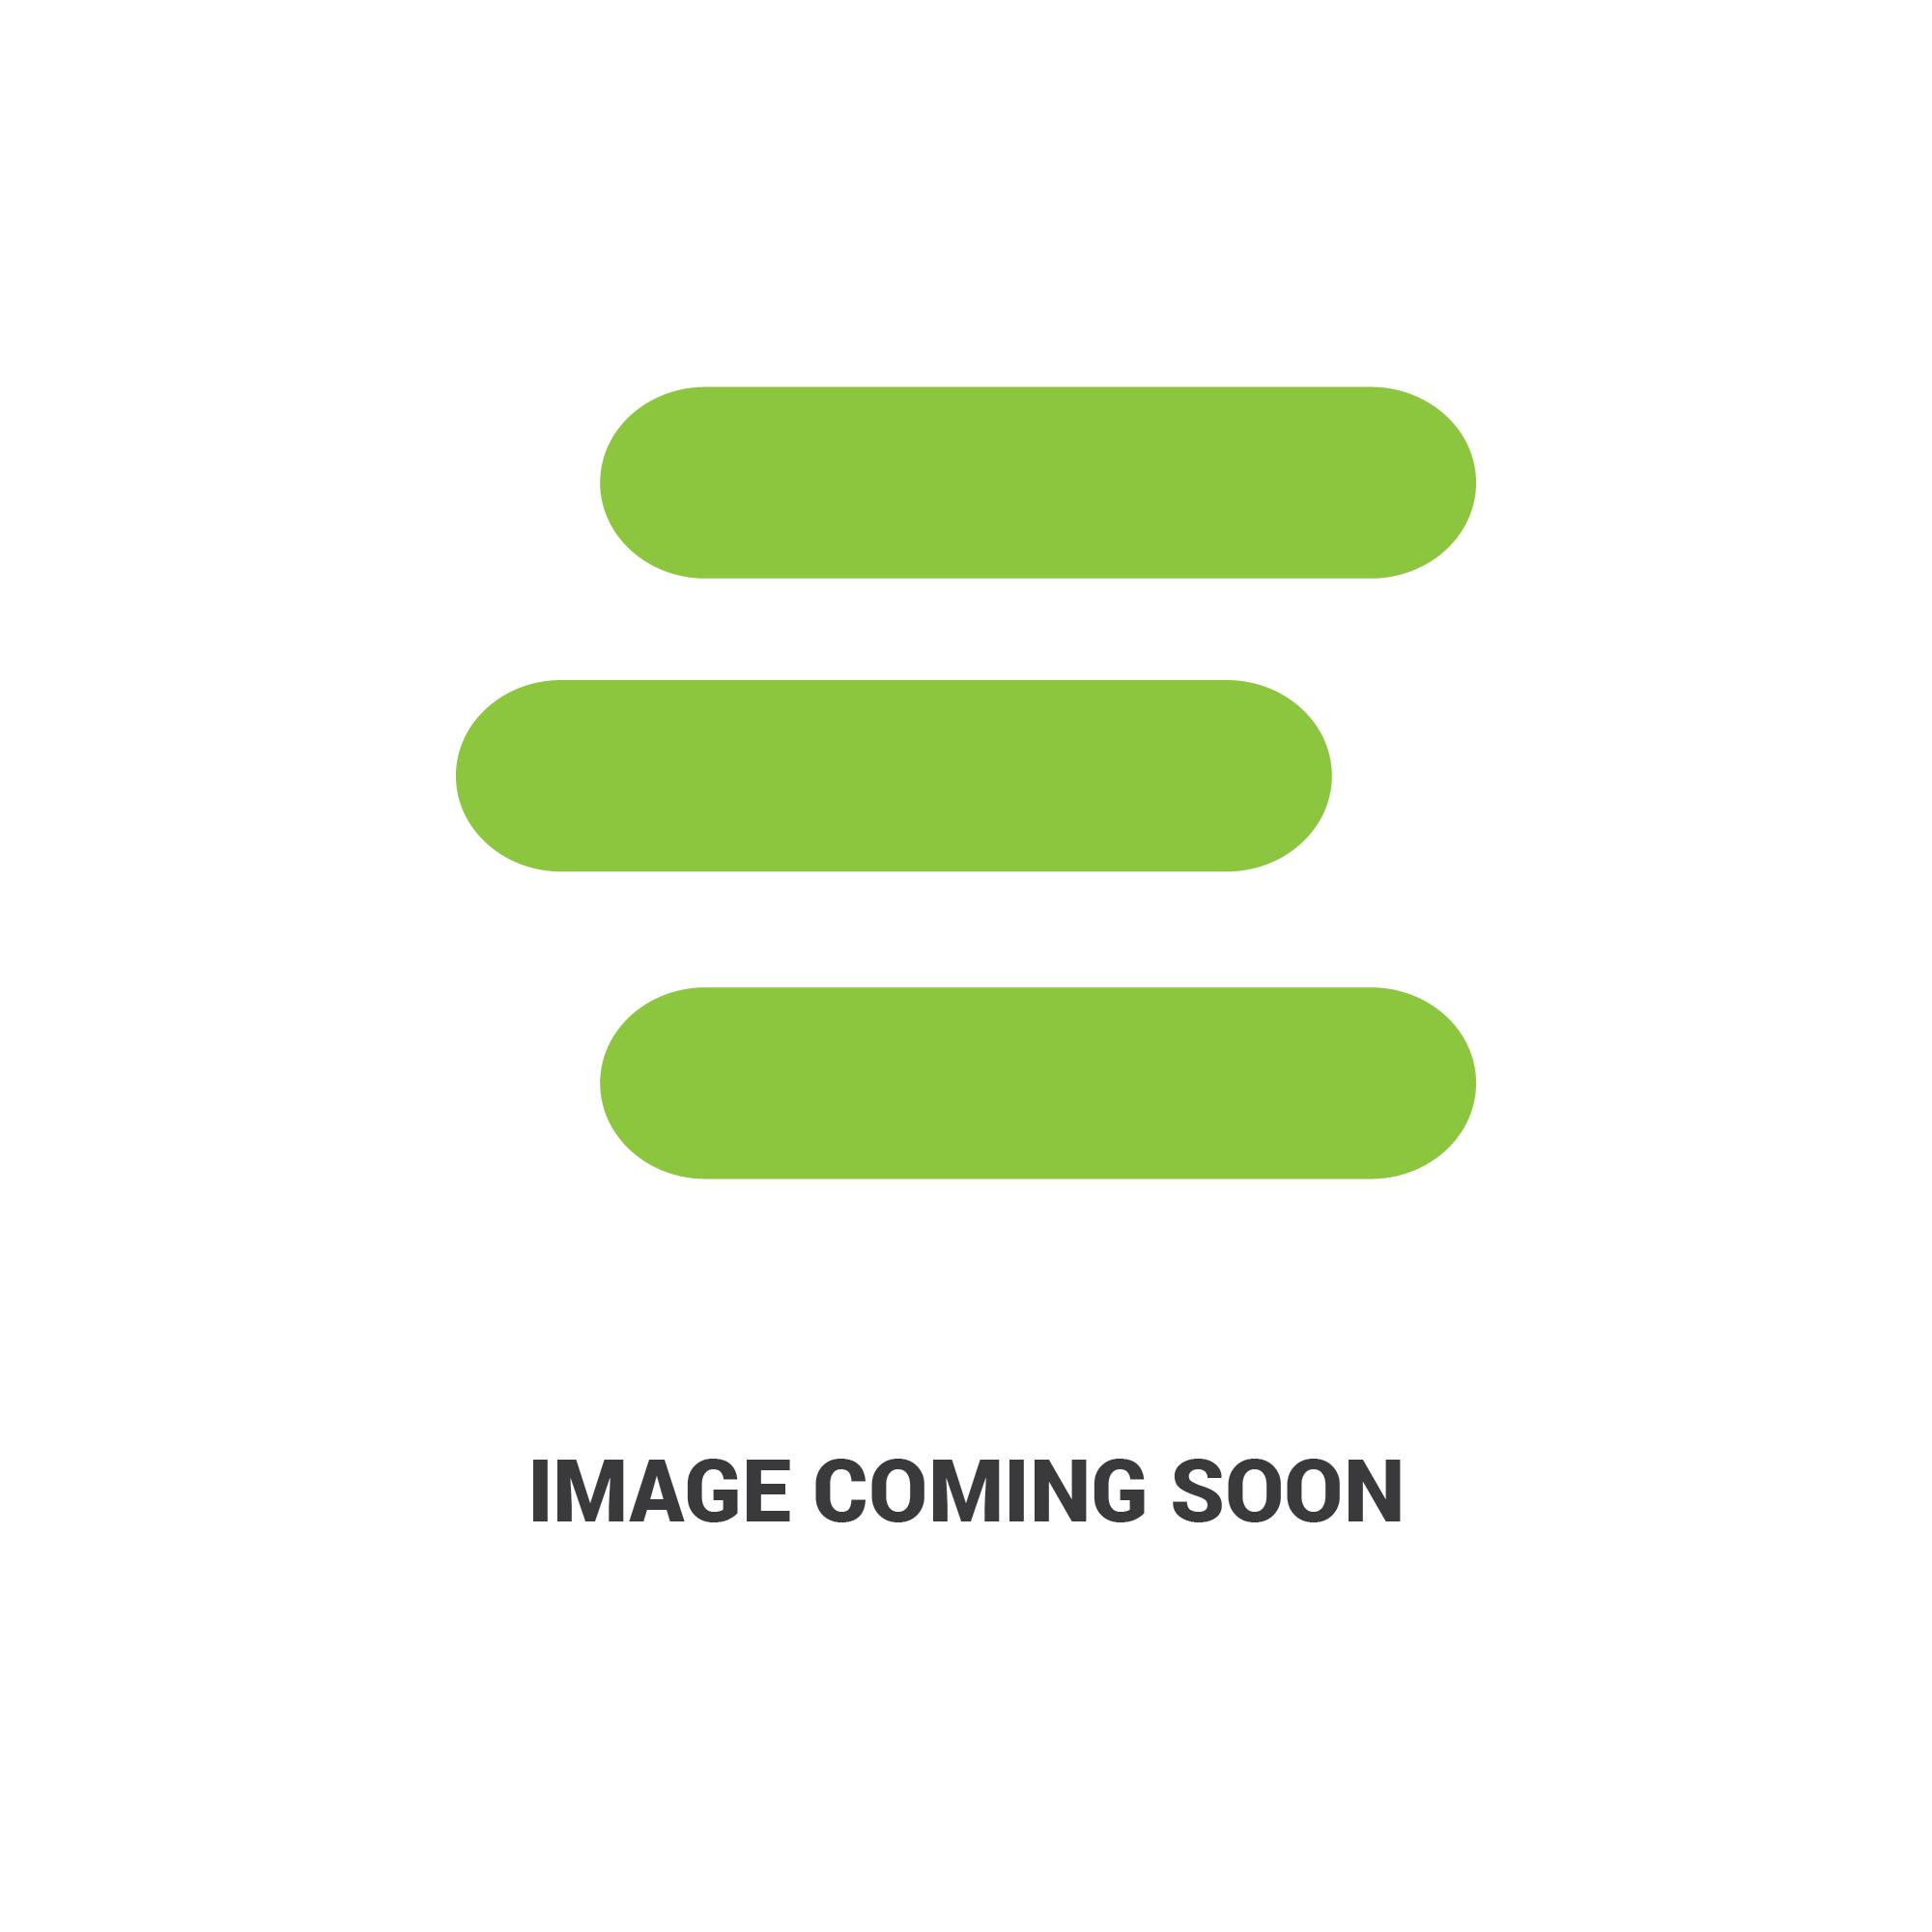 E-AL29645ag1001684.jpg